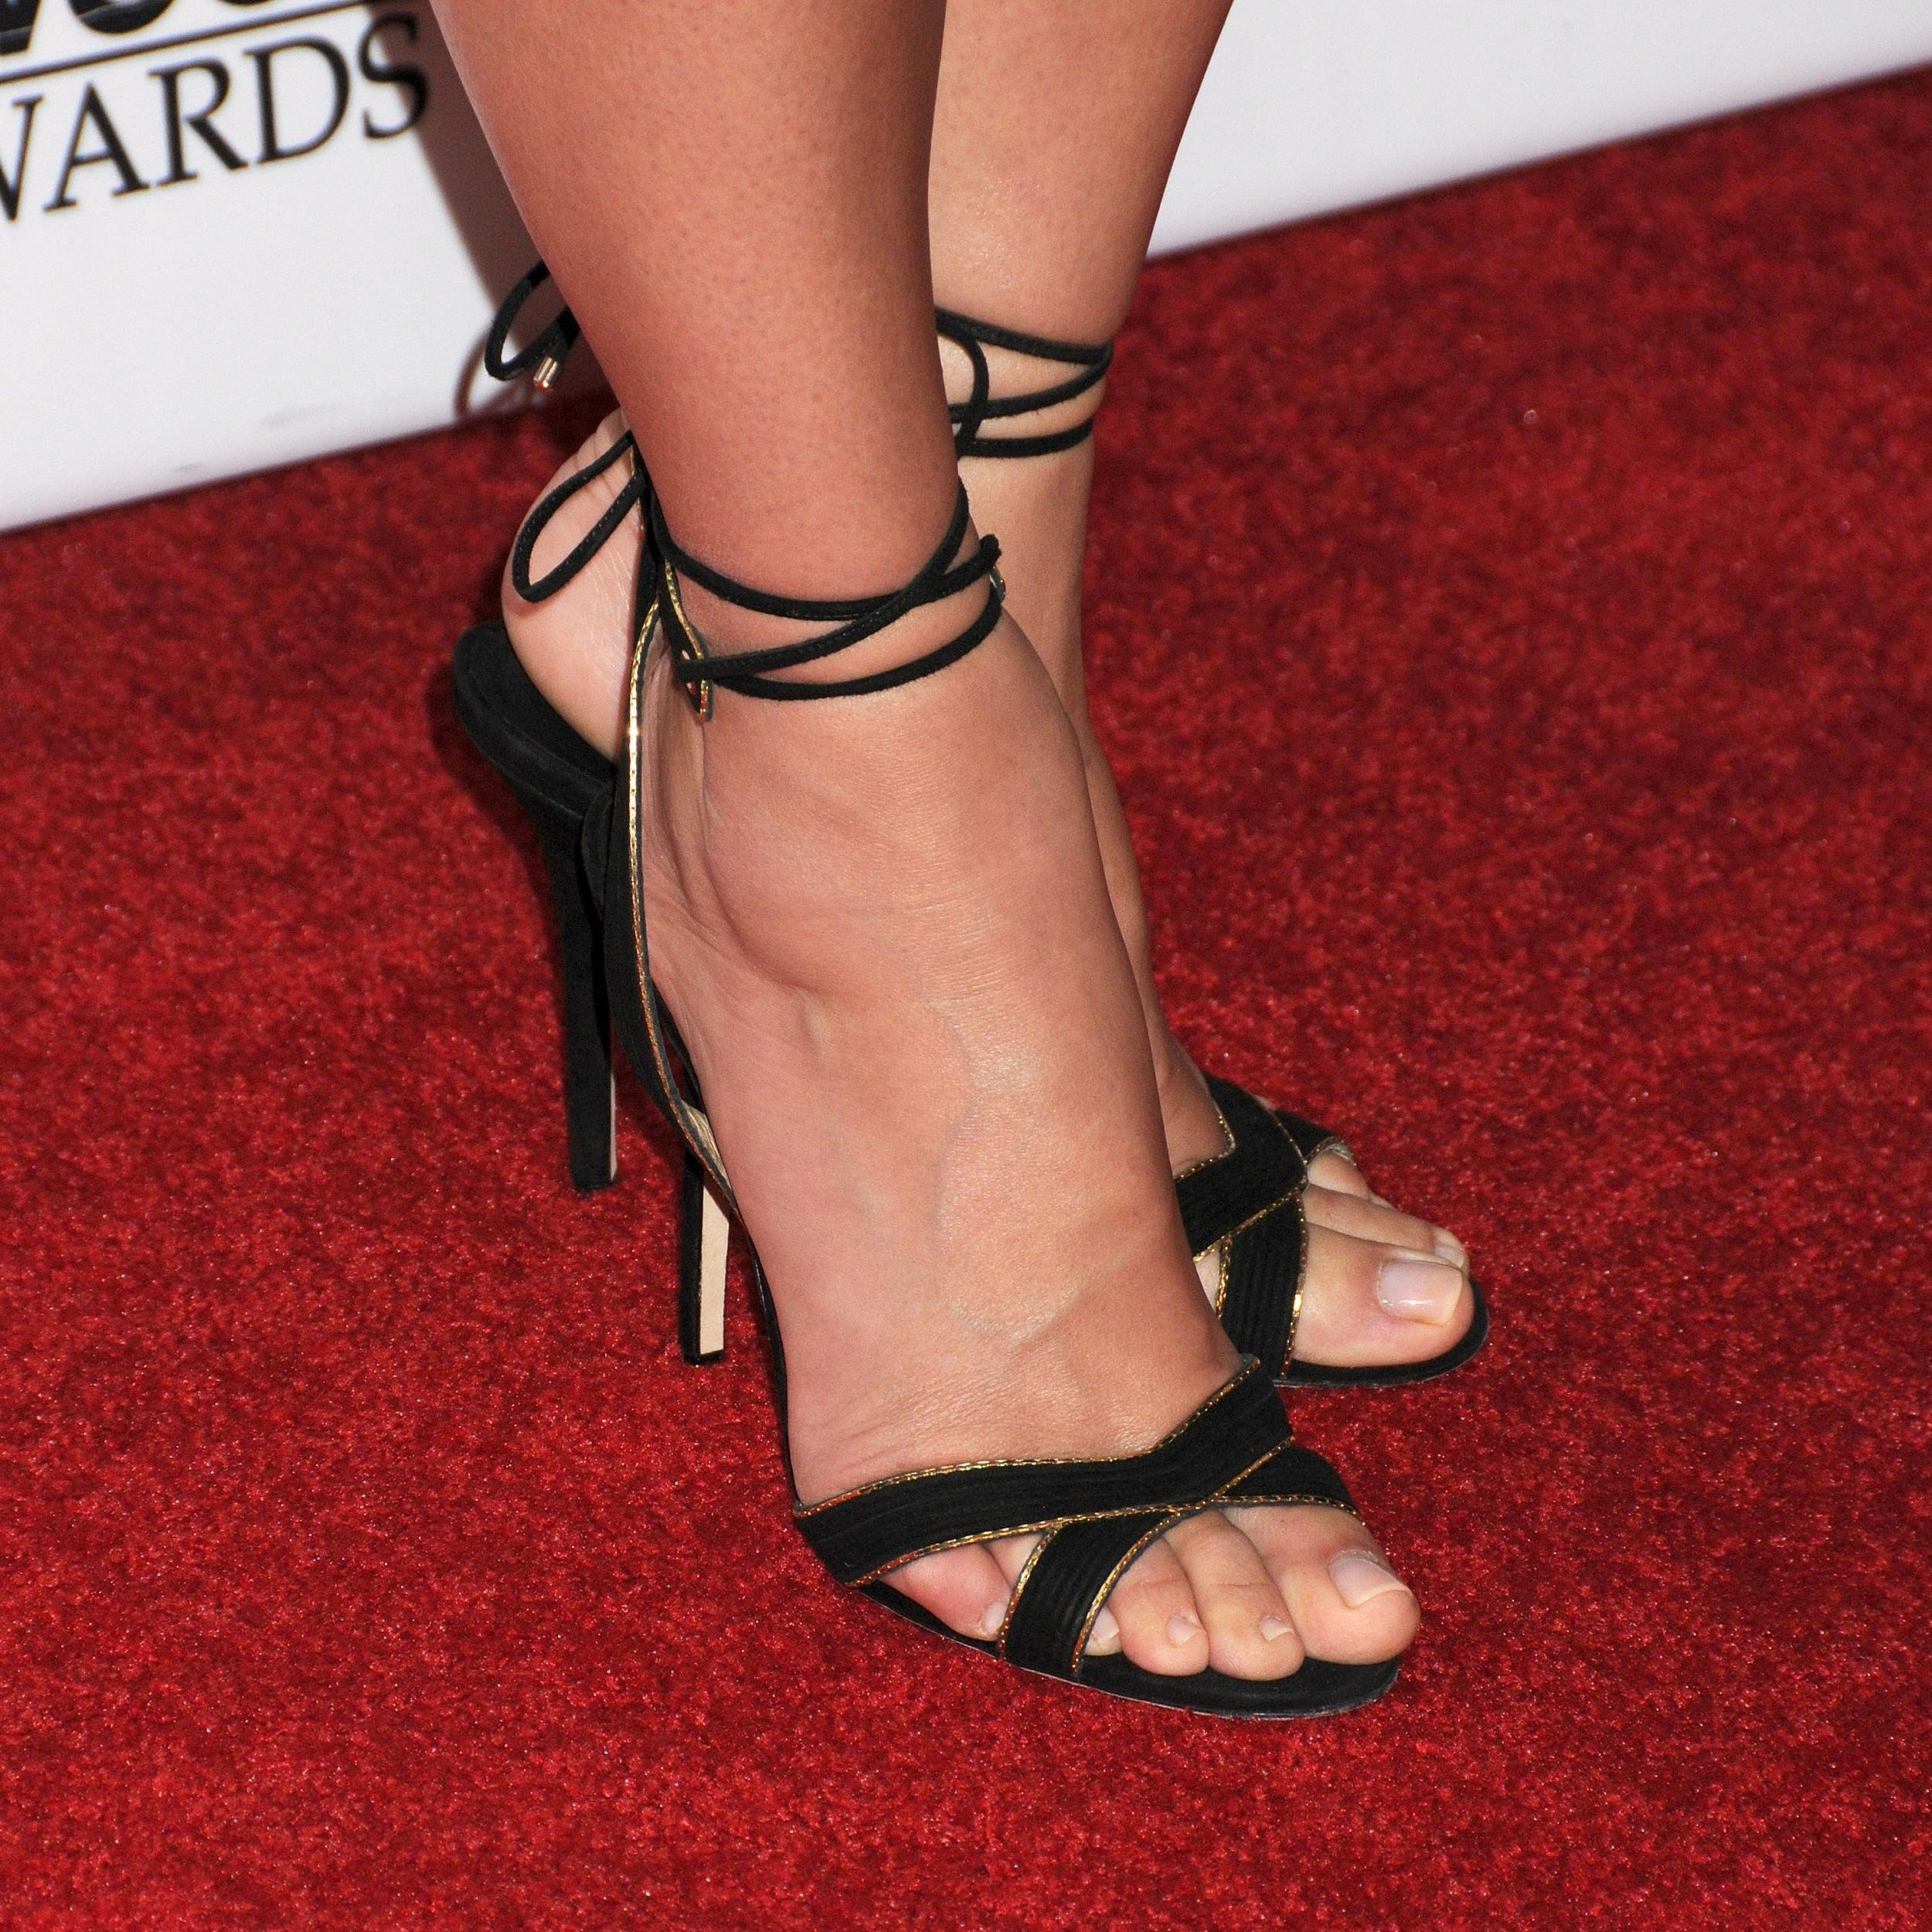 Sandra bullock feet